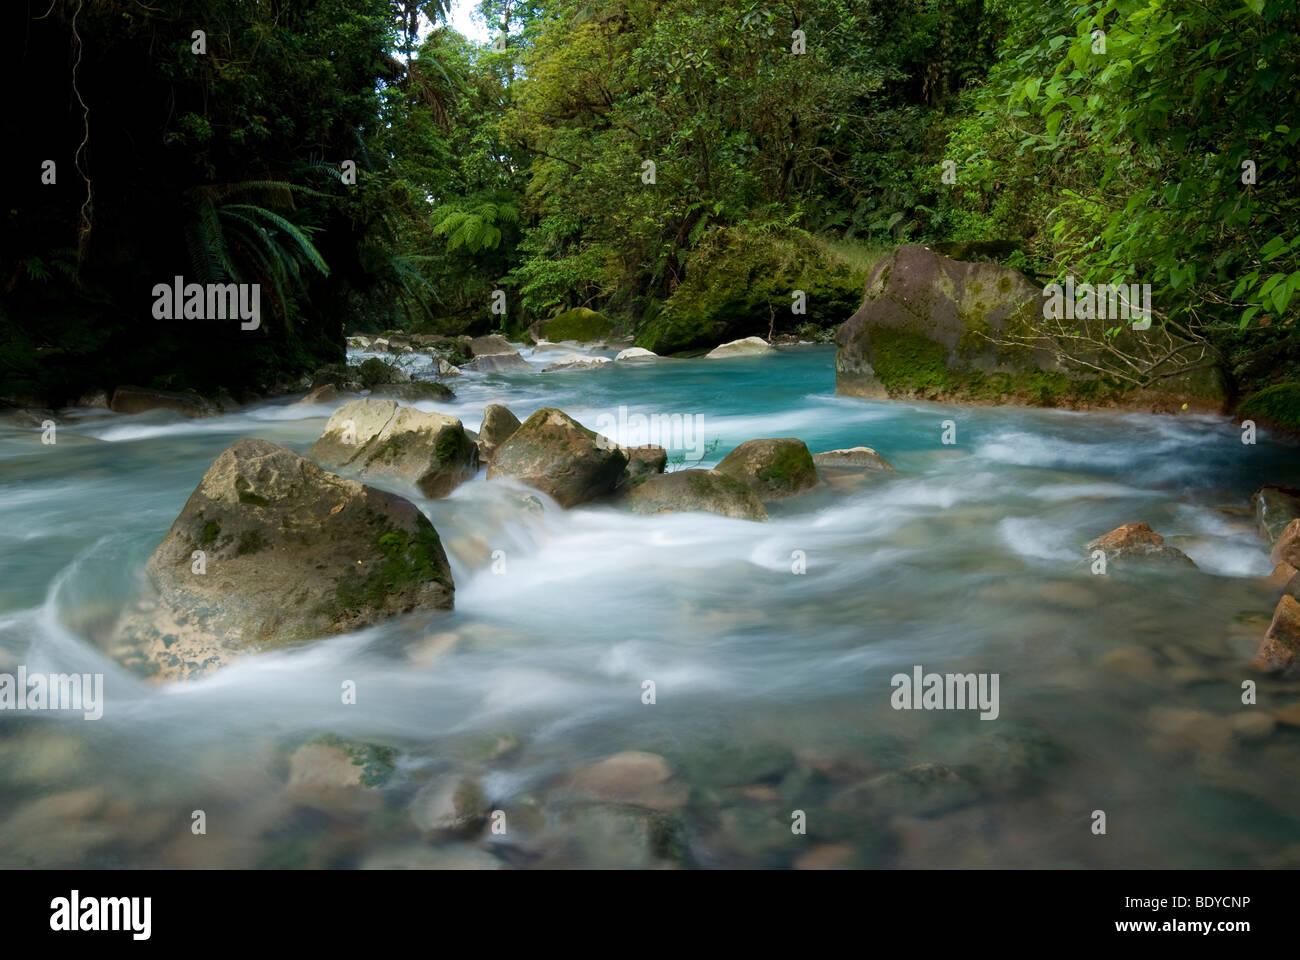 Rapids in Rio Celeste, Tenorio Volcano National Park, Costa Rica. - Stock Image